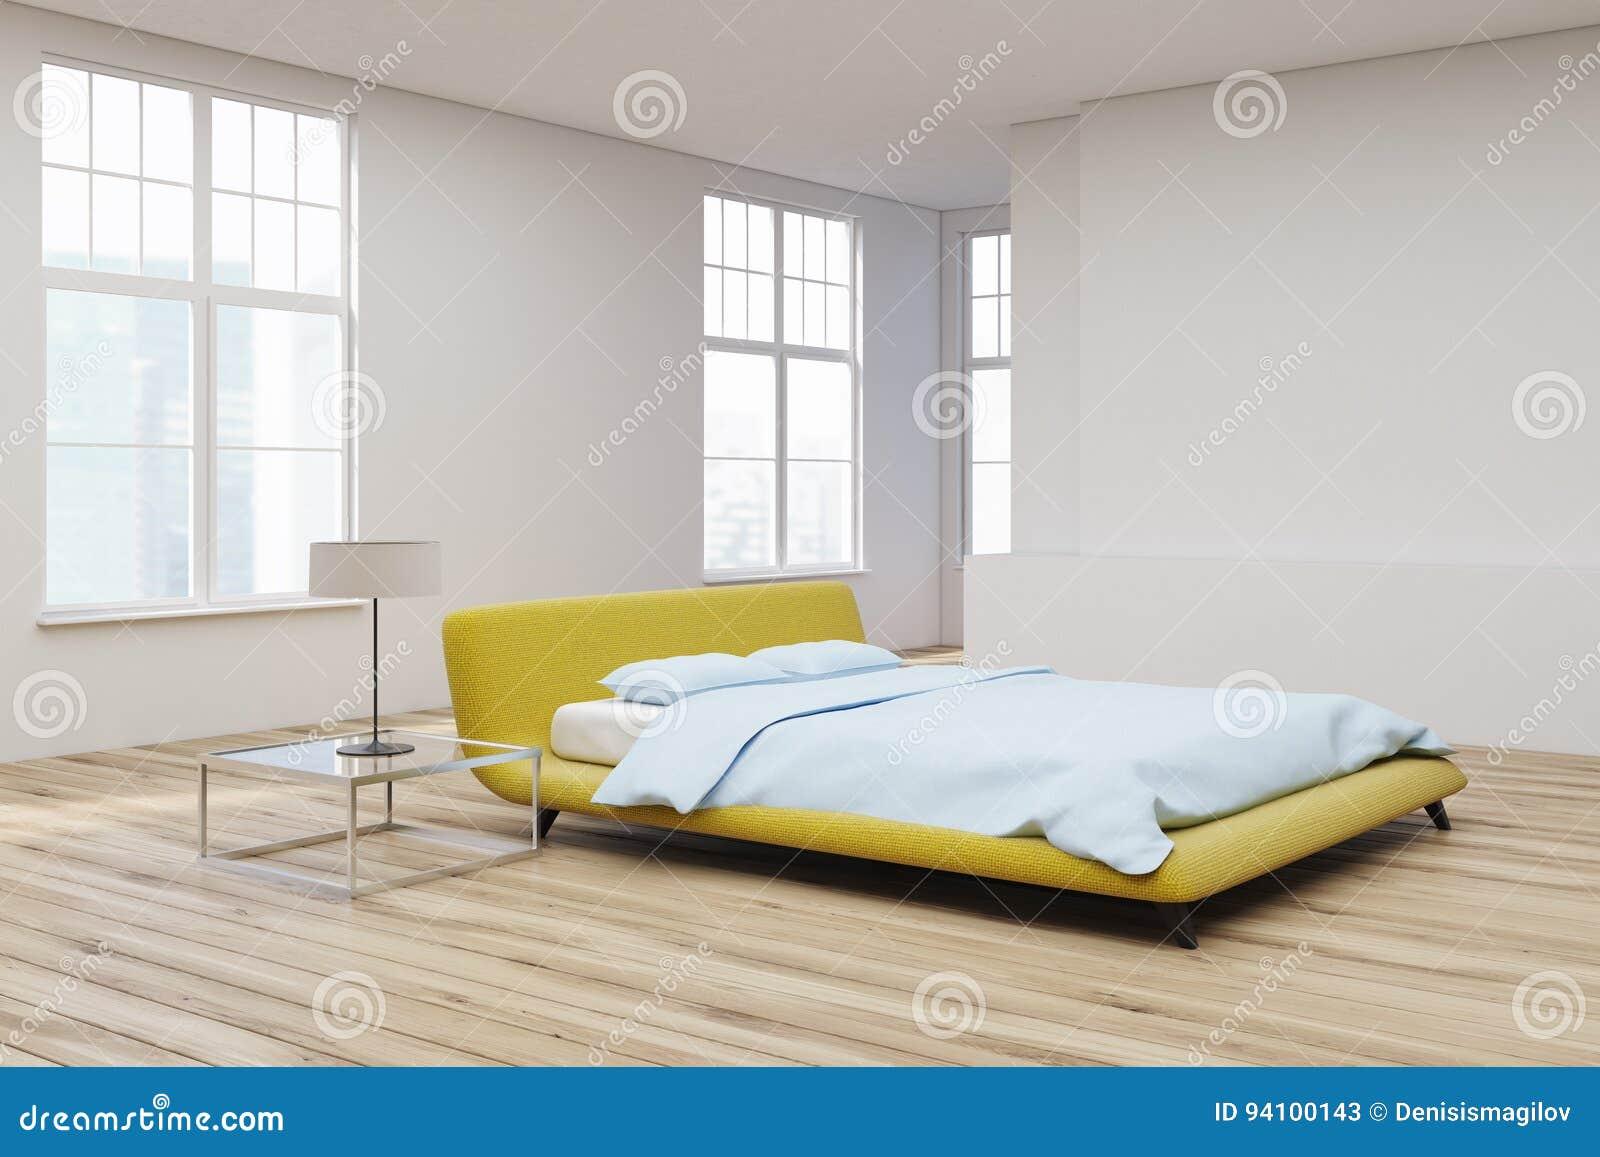 Letto Matrimoniale Giallo : Letto giallo vista di legno dellangolo del pavimento illustrazione